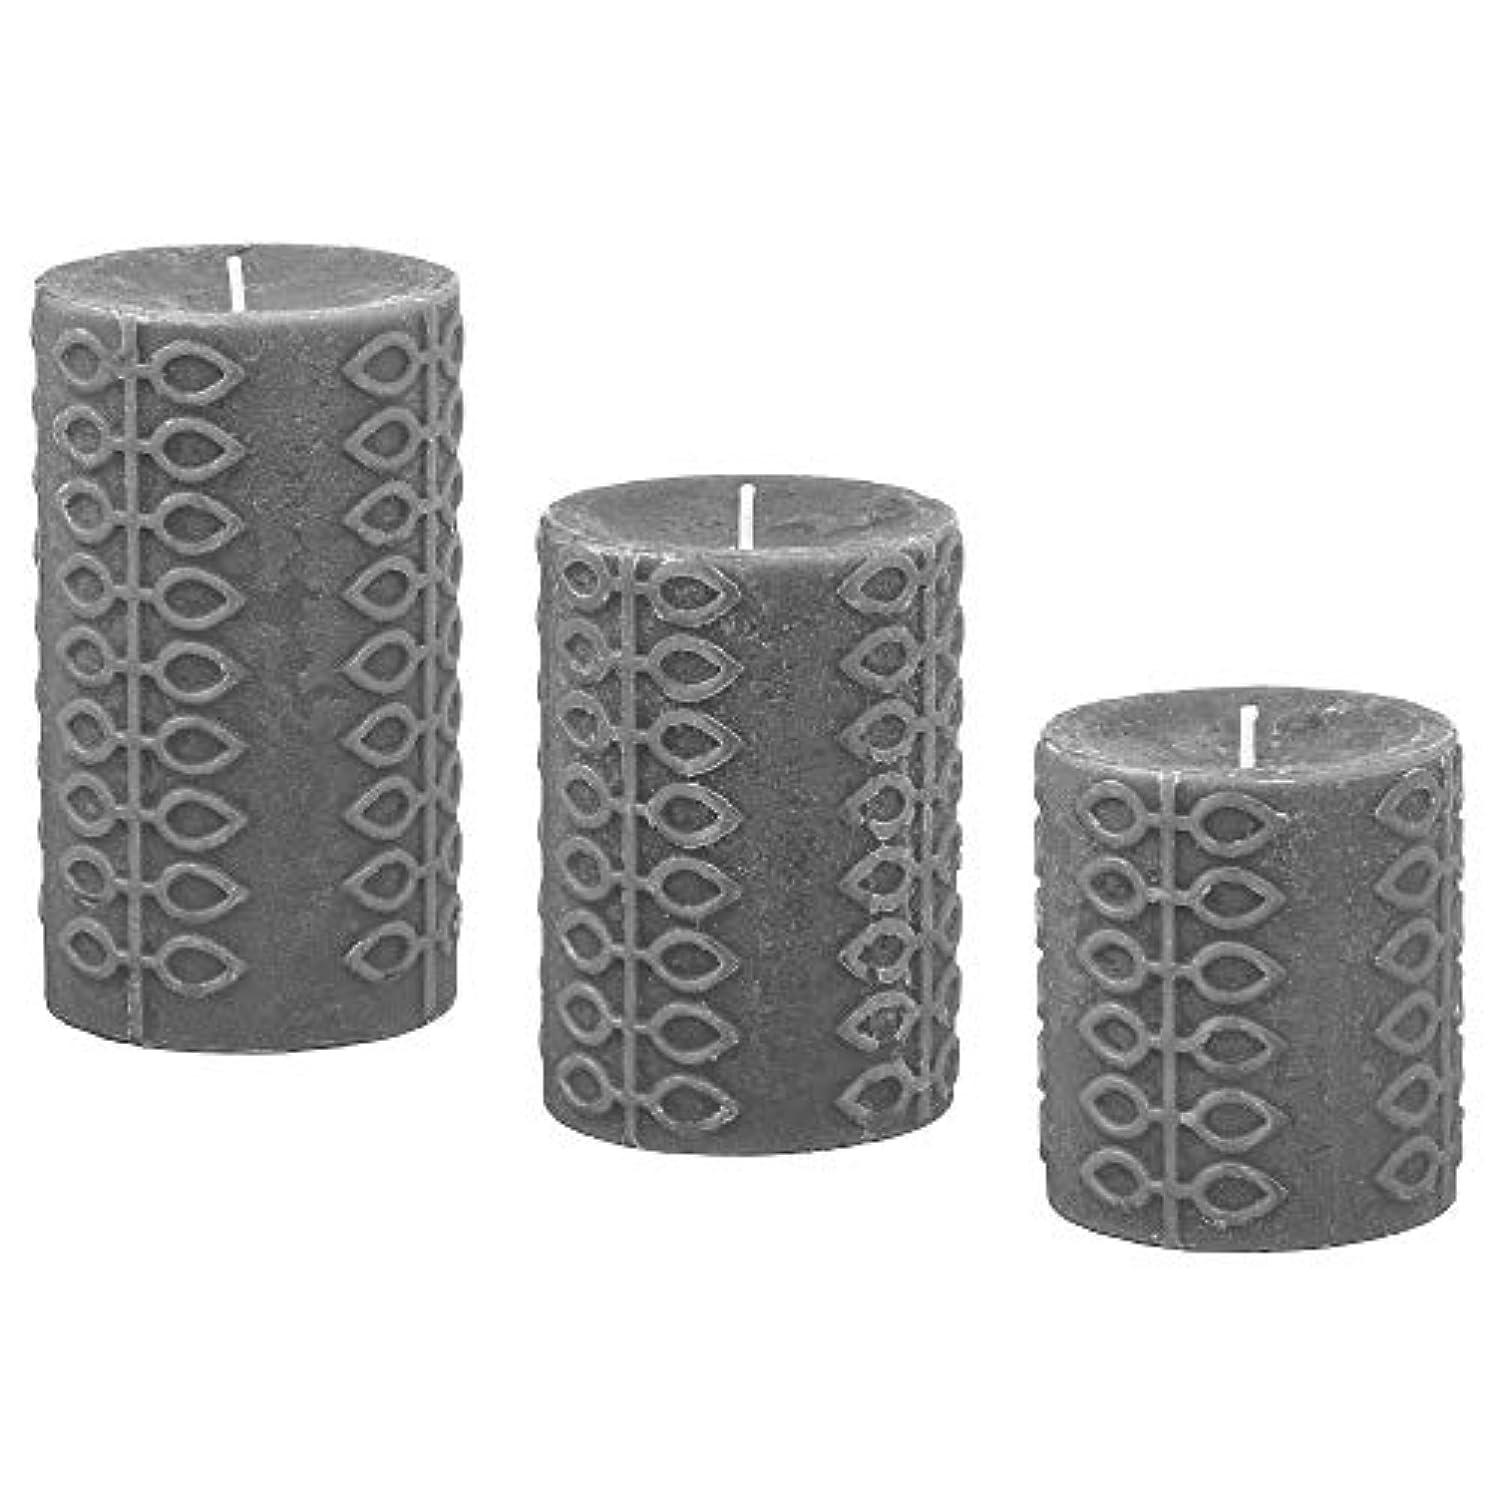 貧困インド終点IKEA/イケア NJUTNING:香り付きブロックキャンドル3個セット 花開くベルガモット/グレー(303.505.15)